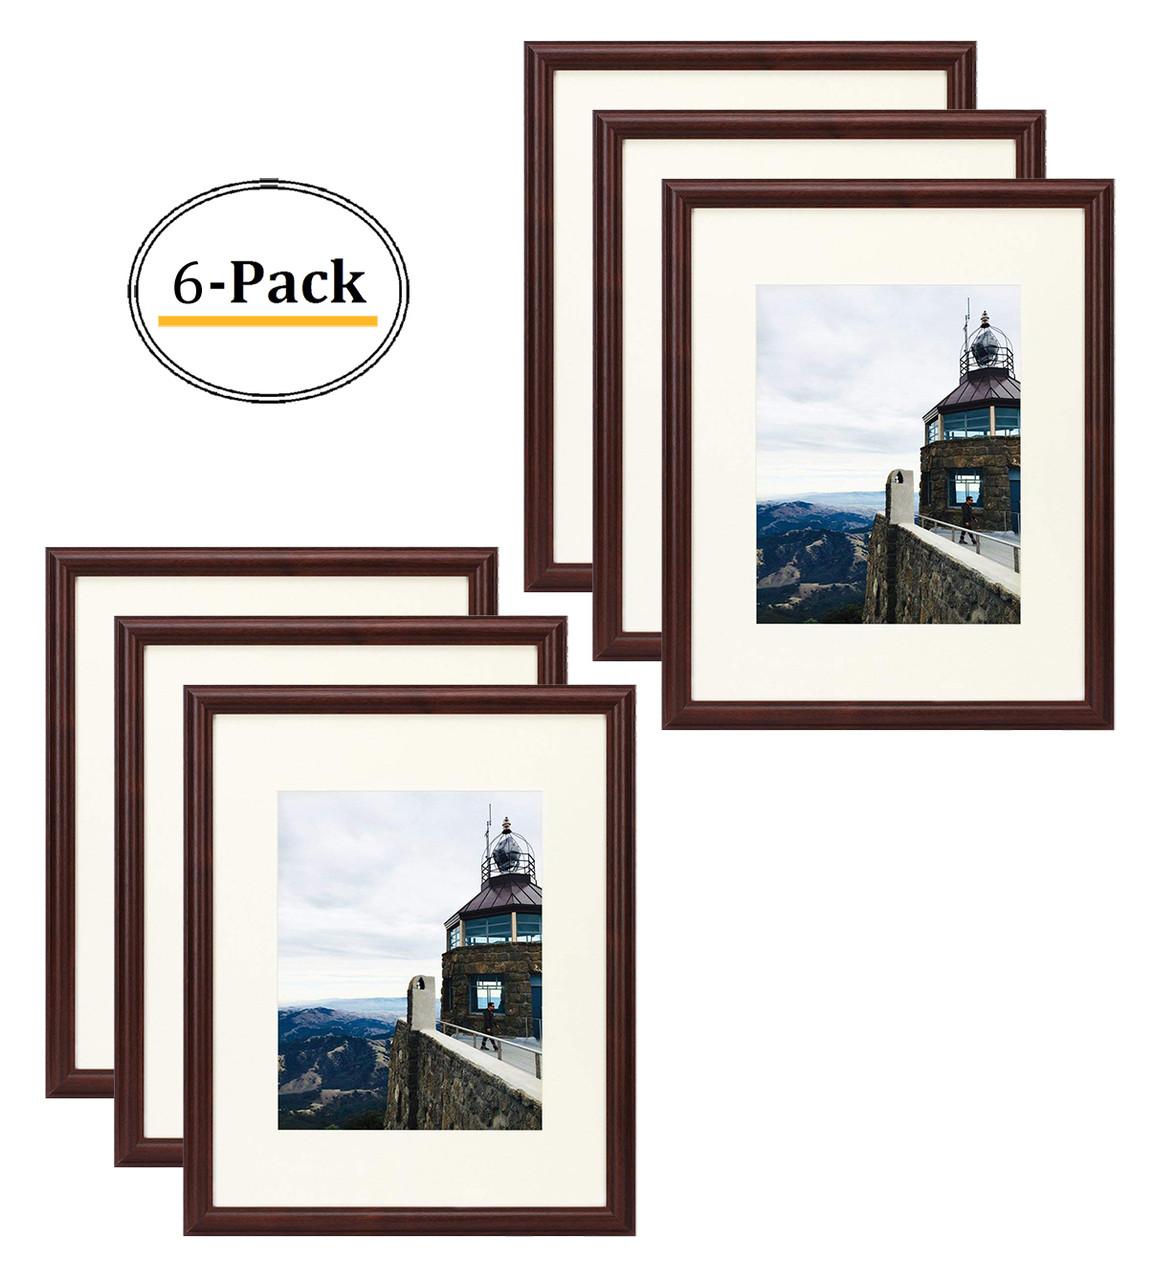 16x20 Photo Frame Walnut Color Curved Bevel Design